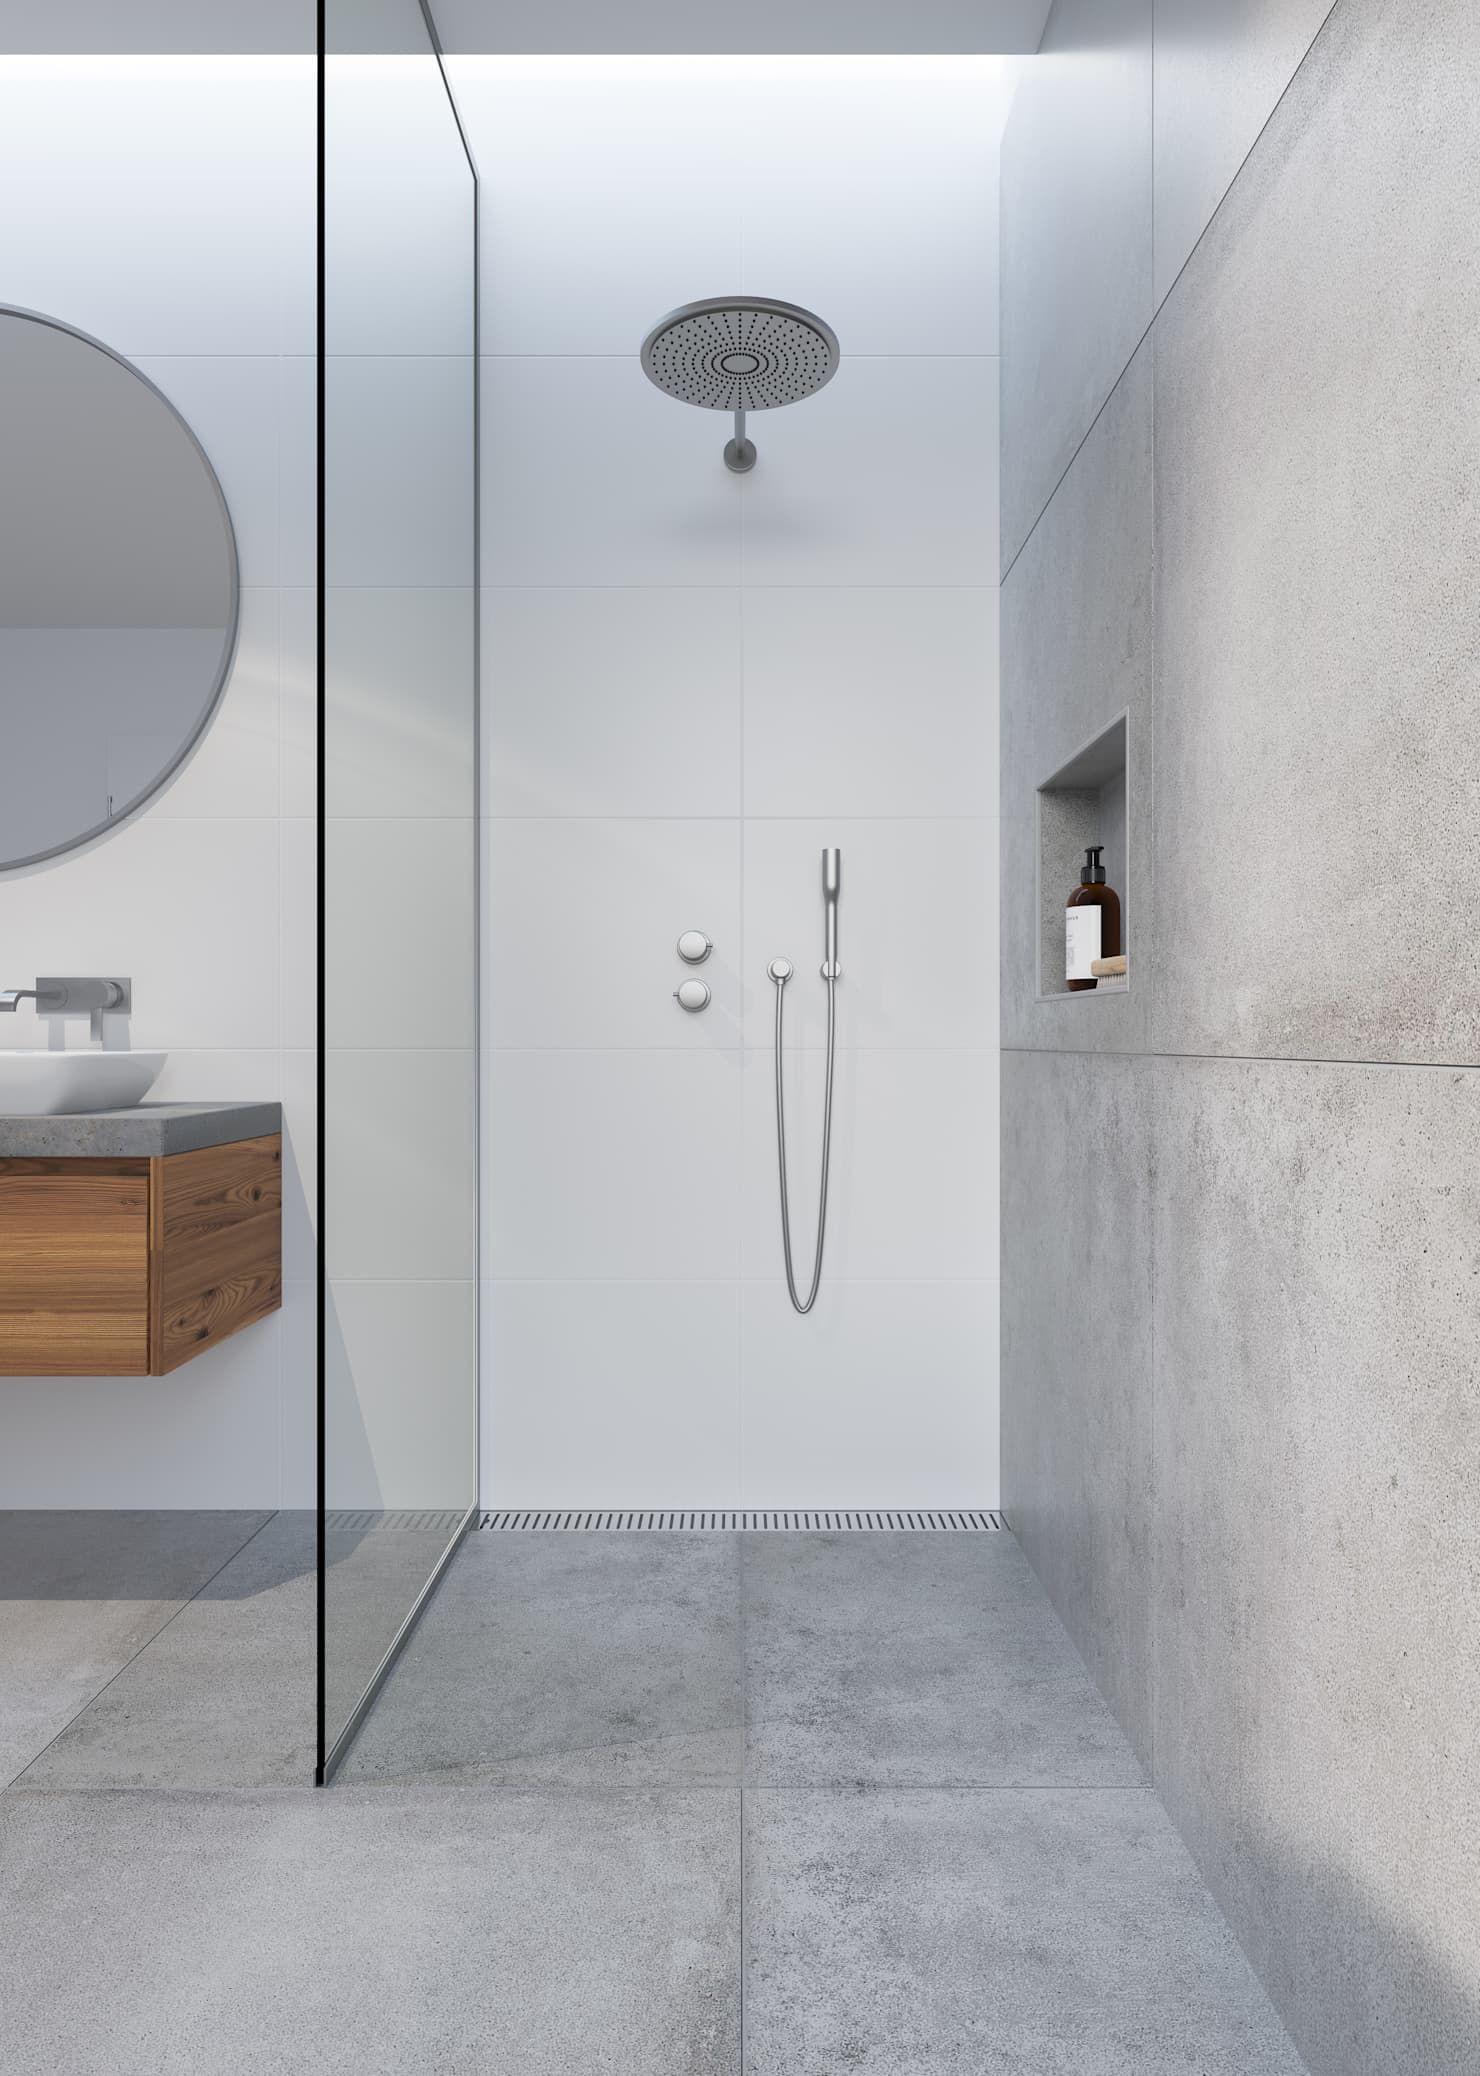 Badezimmer Badezimmer Von Renderkitchen Mit Bildern Badezimmer Kleines Bad Mit Dusche Kleine Badezimmer Design